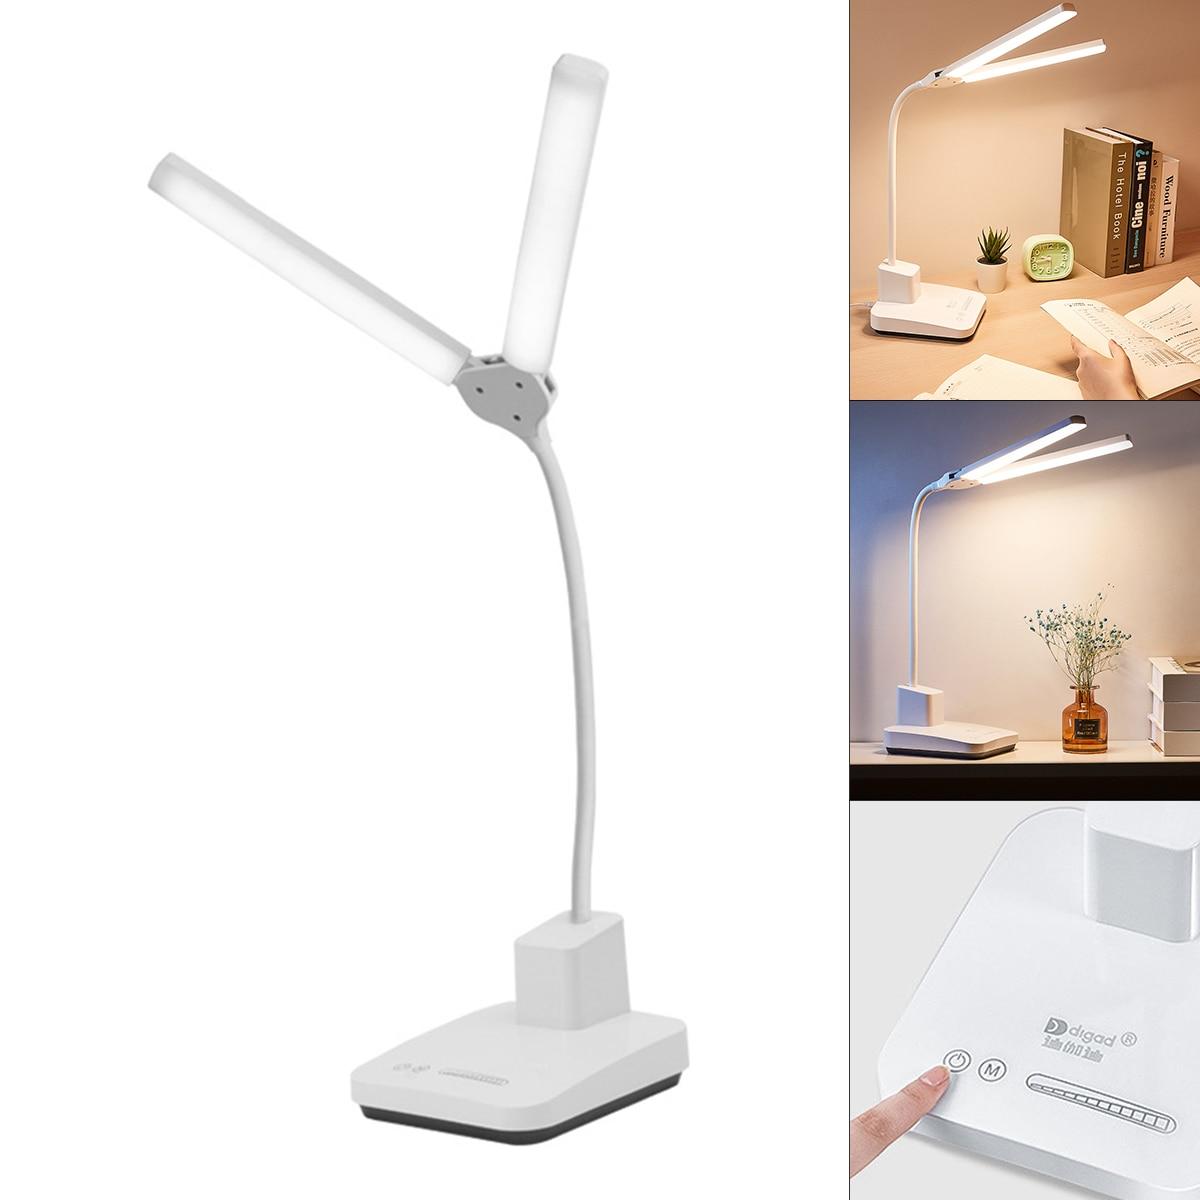 مزدوج رئيس لمبة مكتب USB قابلة للشحن ستبليس يعتم حماية العين مصباح الطاولة 3 اللون دراسة القراءة الخفيفة 2021